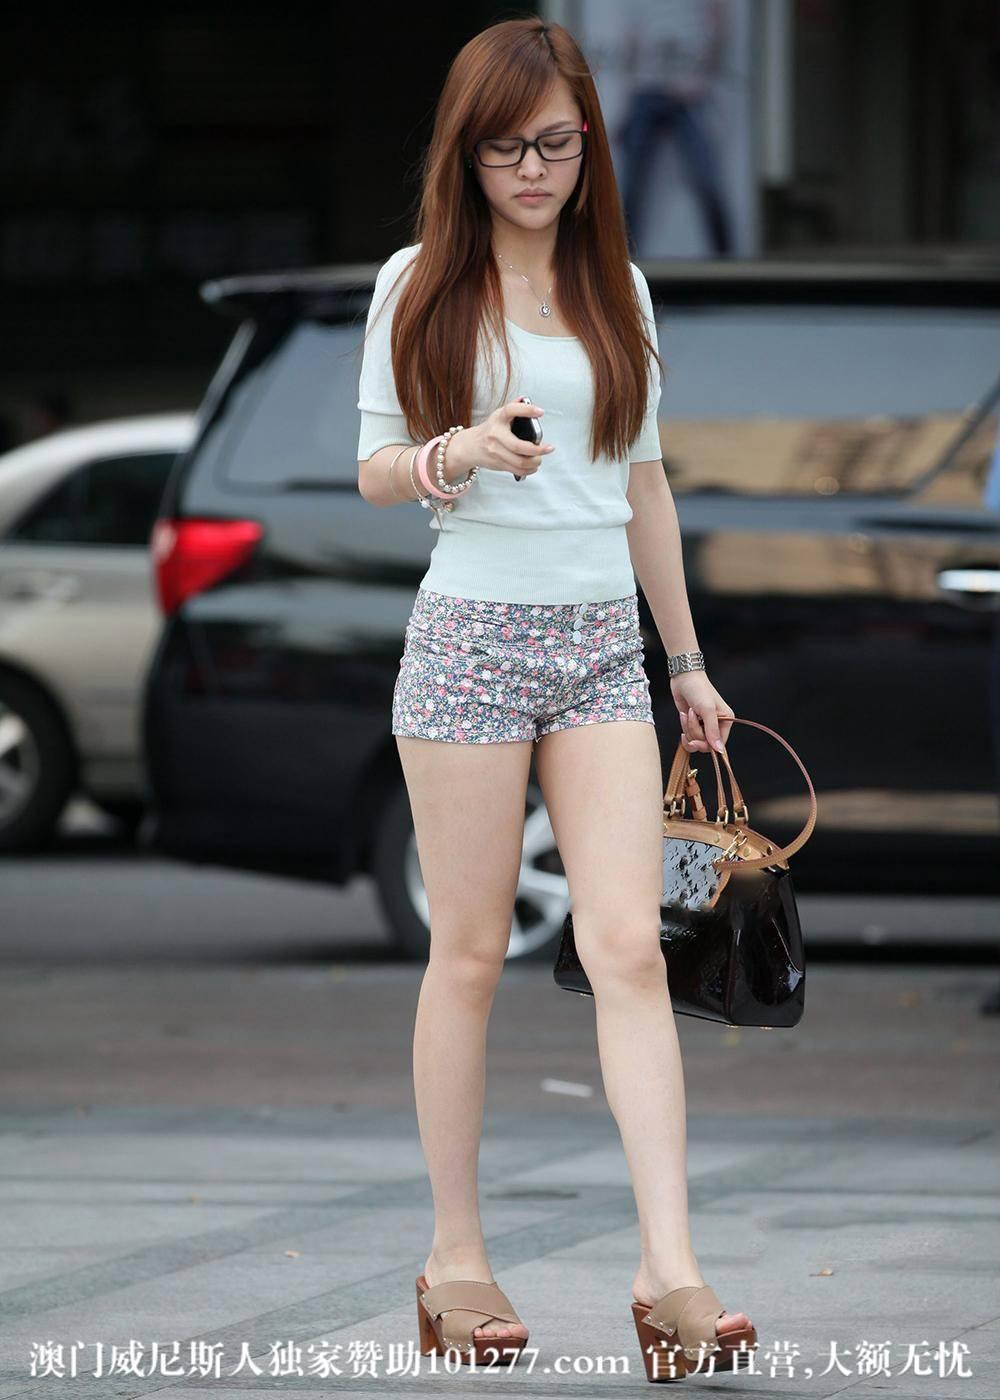 几个靓丽热裤美女、看上哪个了?【10P】